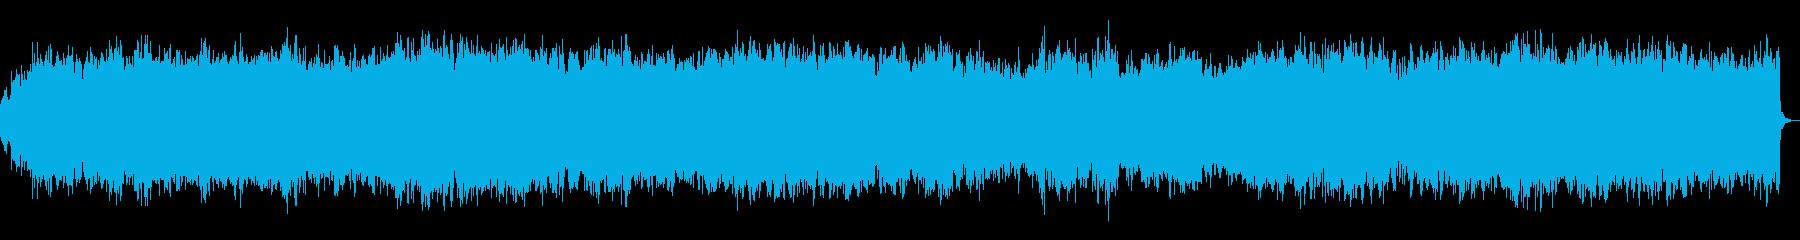 パイプオルガンによる祝いの独奏曲の再生済みの波形